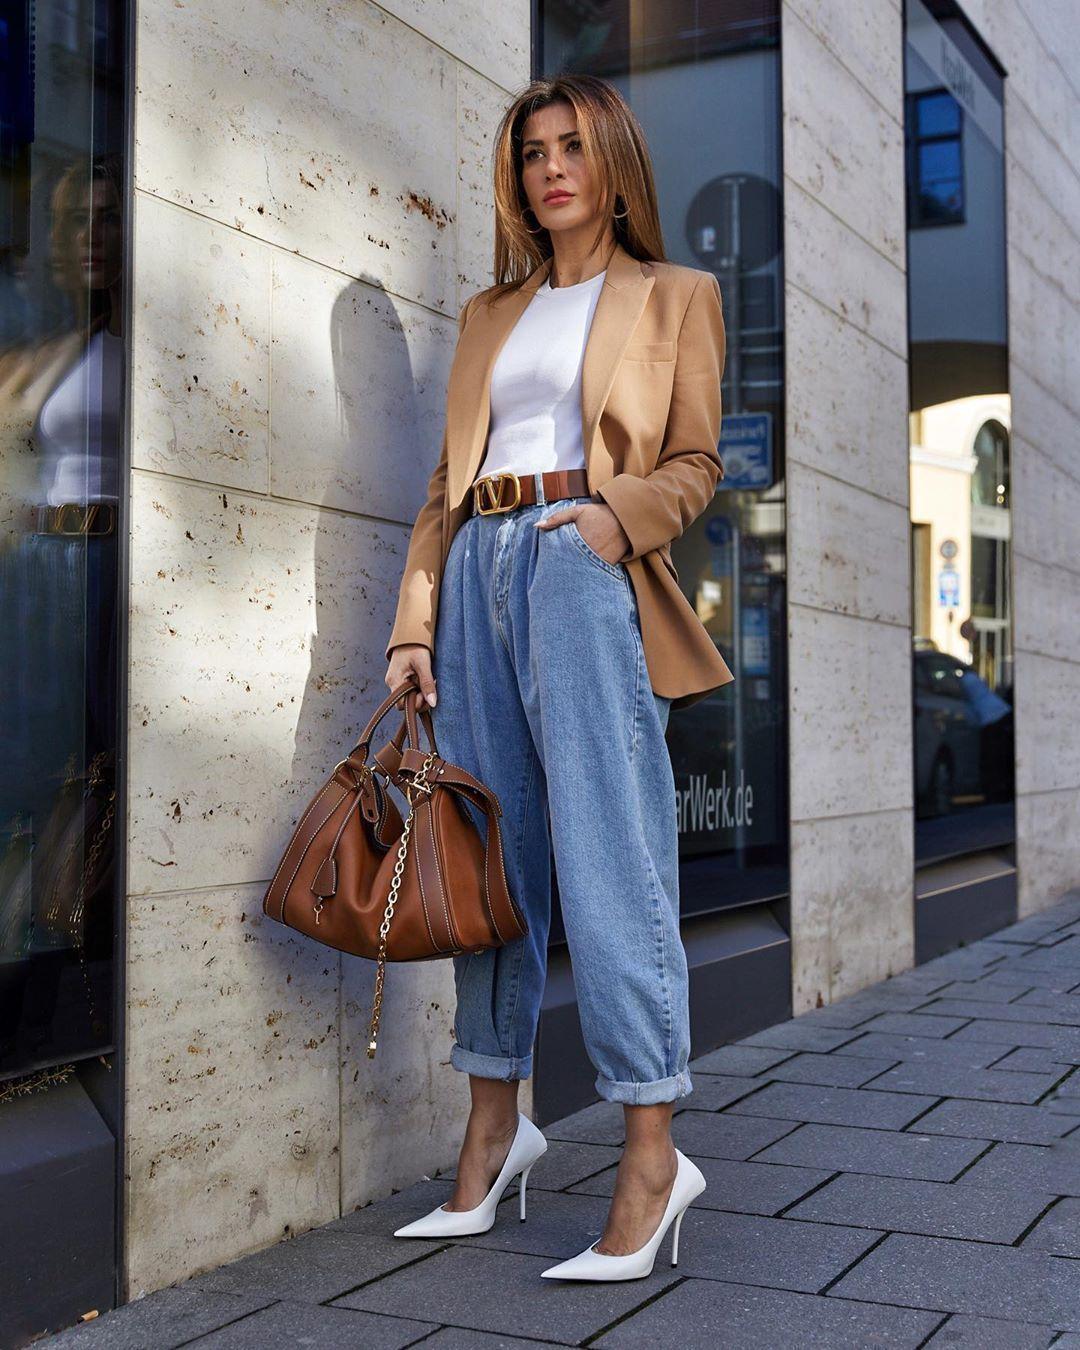 220 Μόδα & Ρούχα ideas in 2021 | fashion, dresses casual boho, fall outfits women 30s